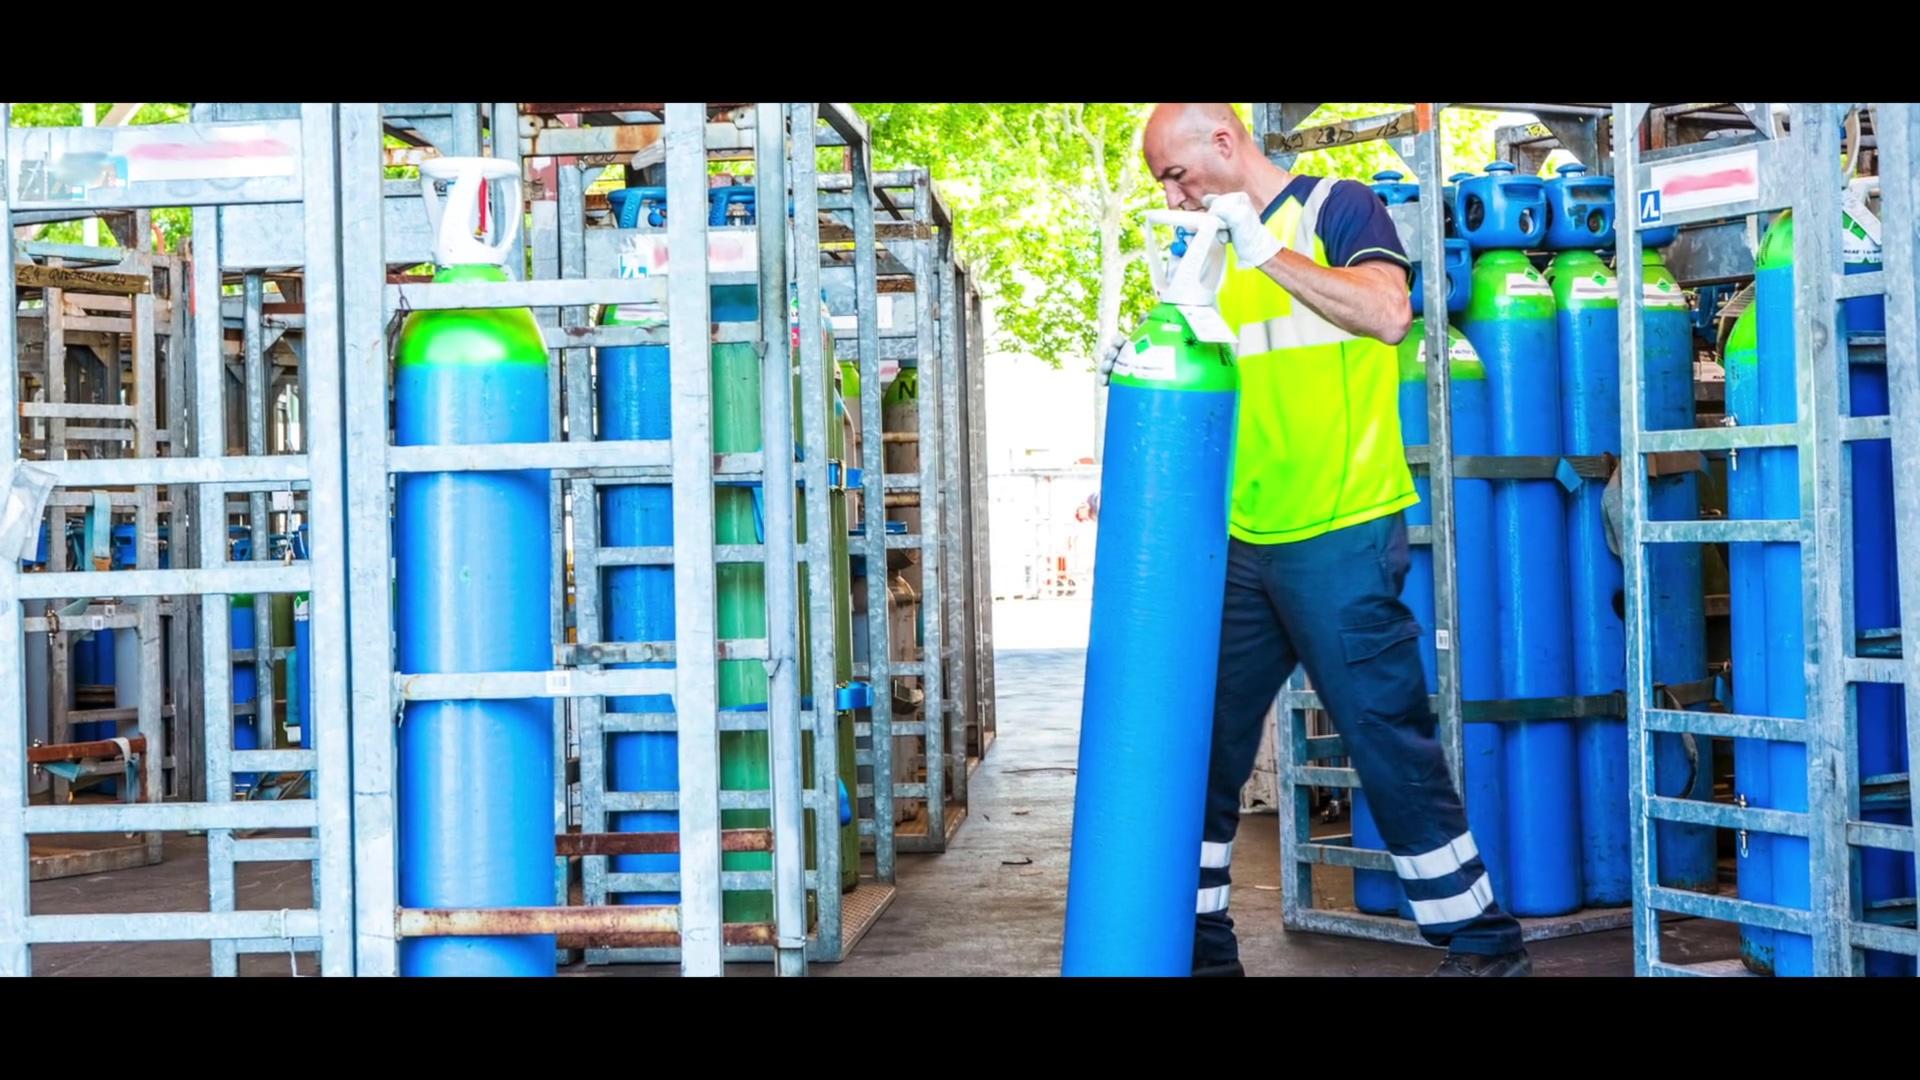 Swagelok Paris Comment un fournisseur de gaz industriel a pu améliorer la sécurité à la suite d'